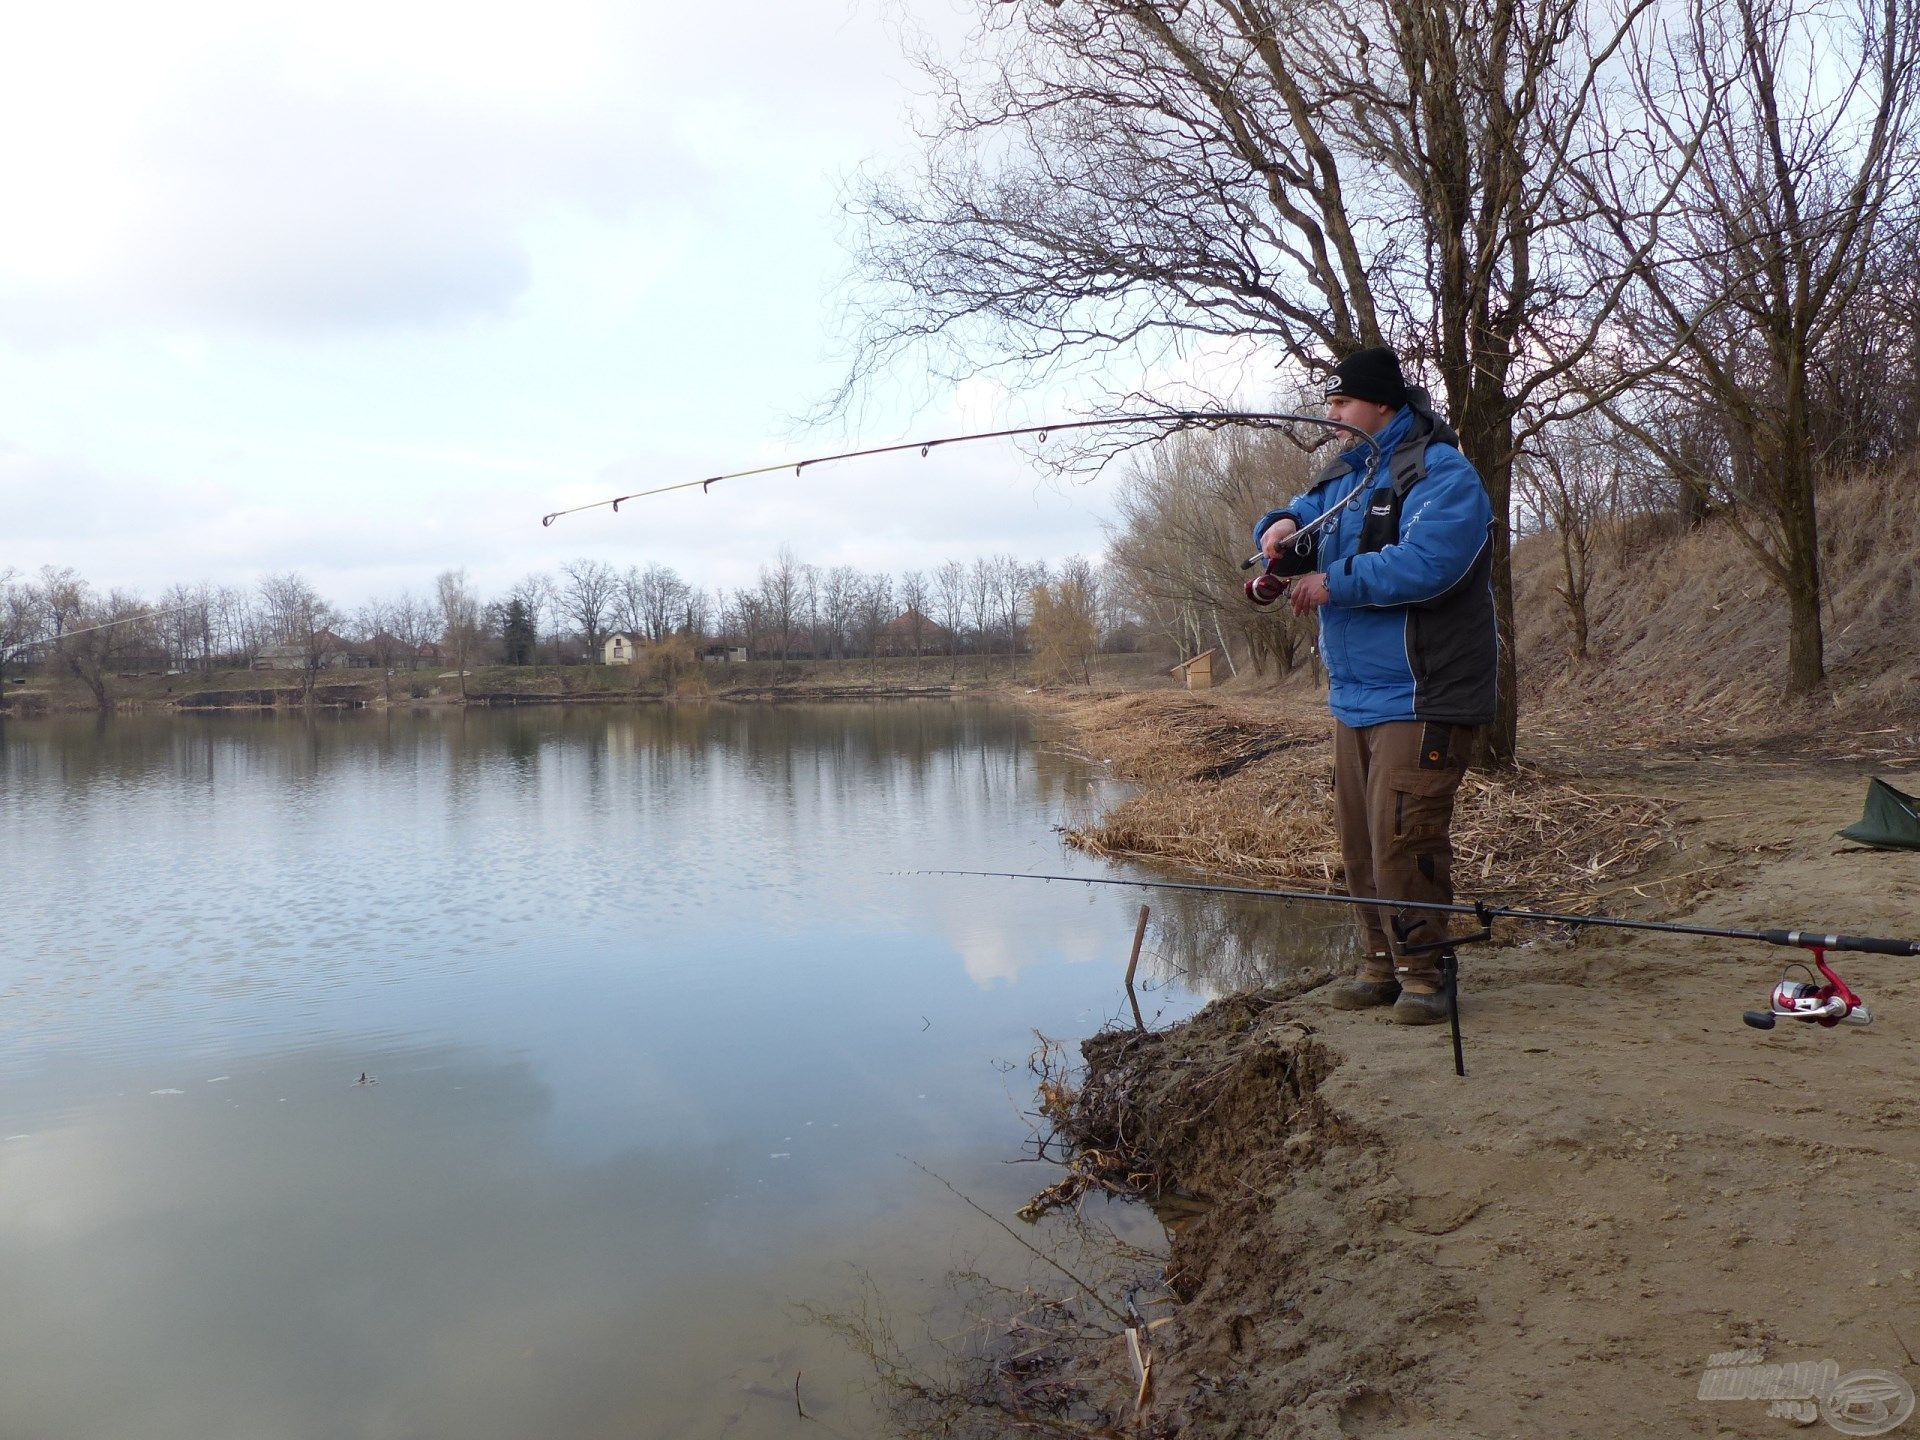 Ezen a napon is ki kellett ülni a halat, de megérte!